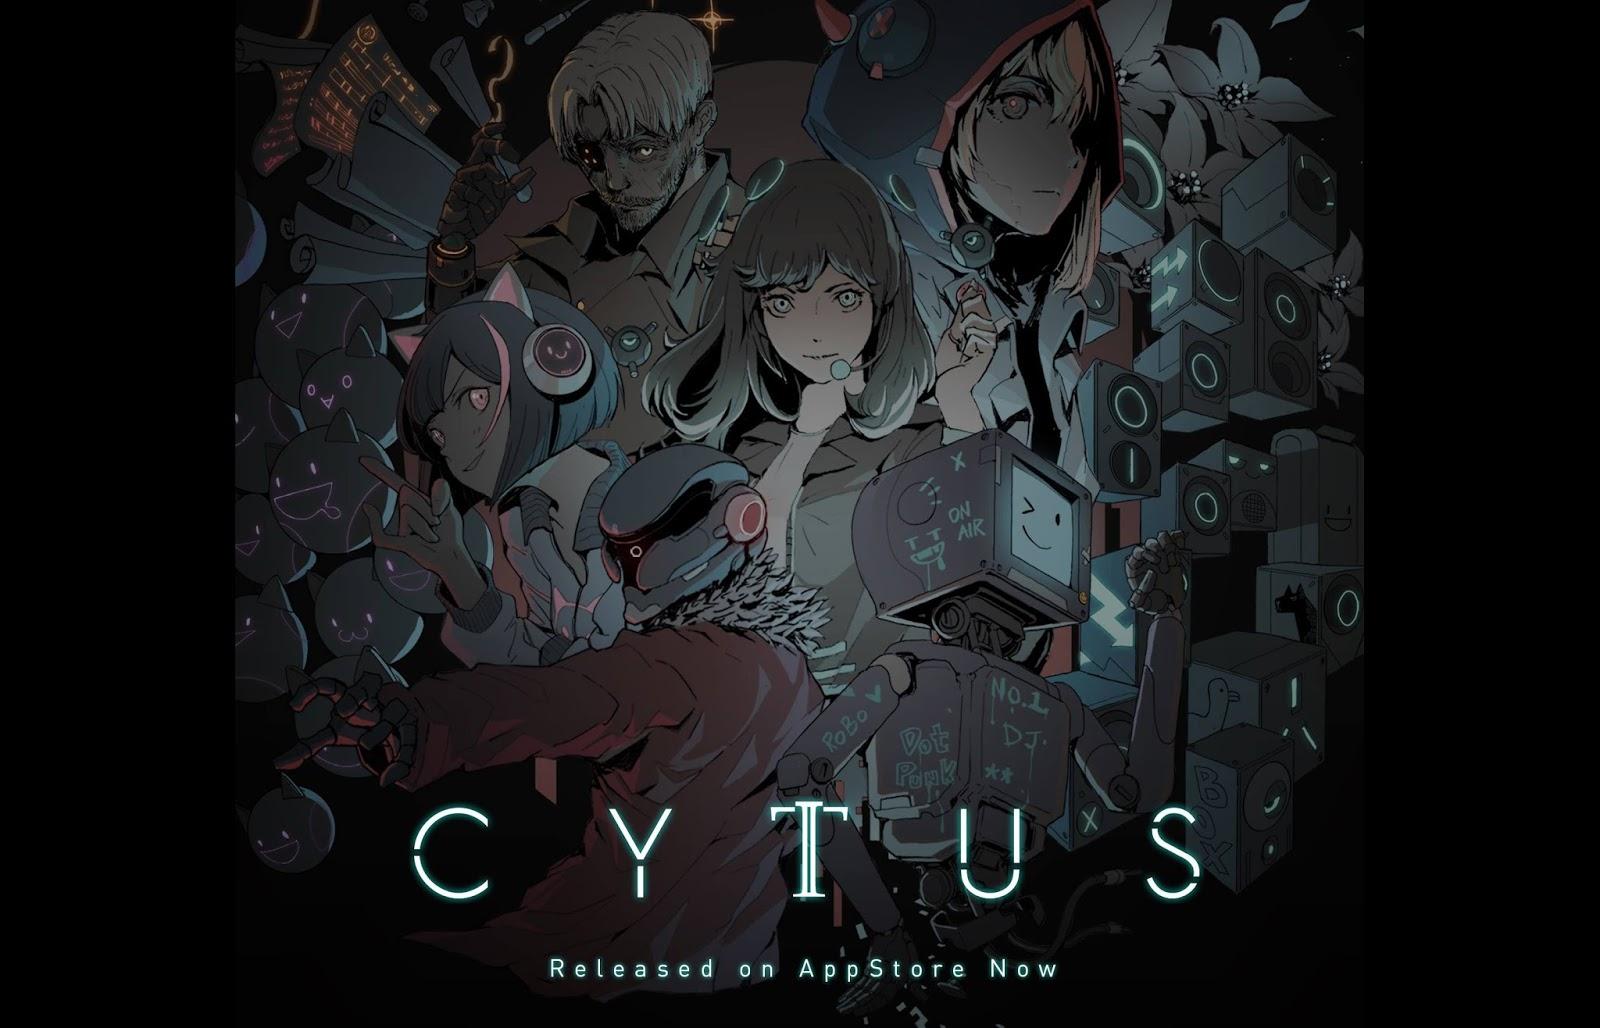 CYTUS on JumPic com